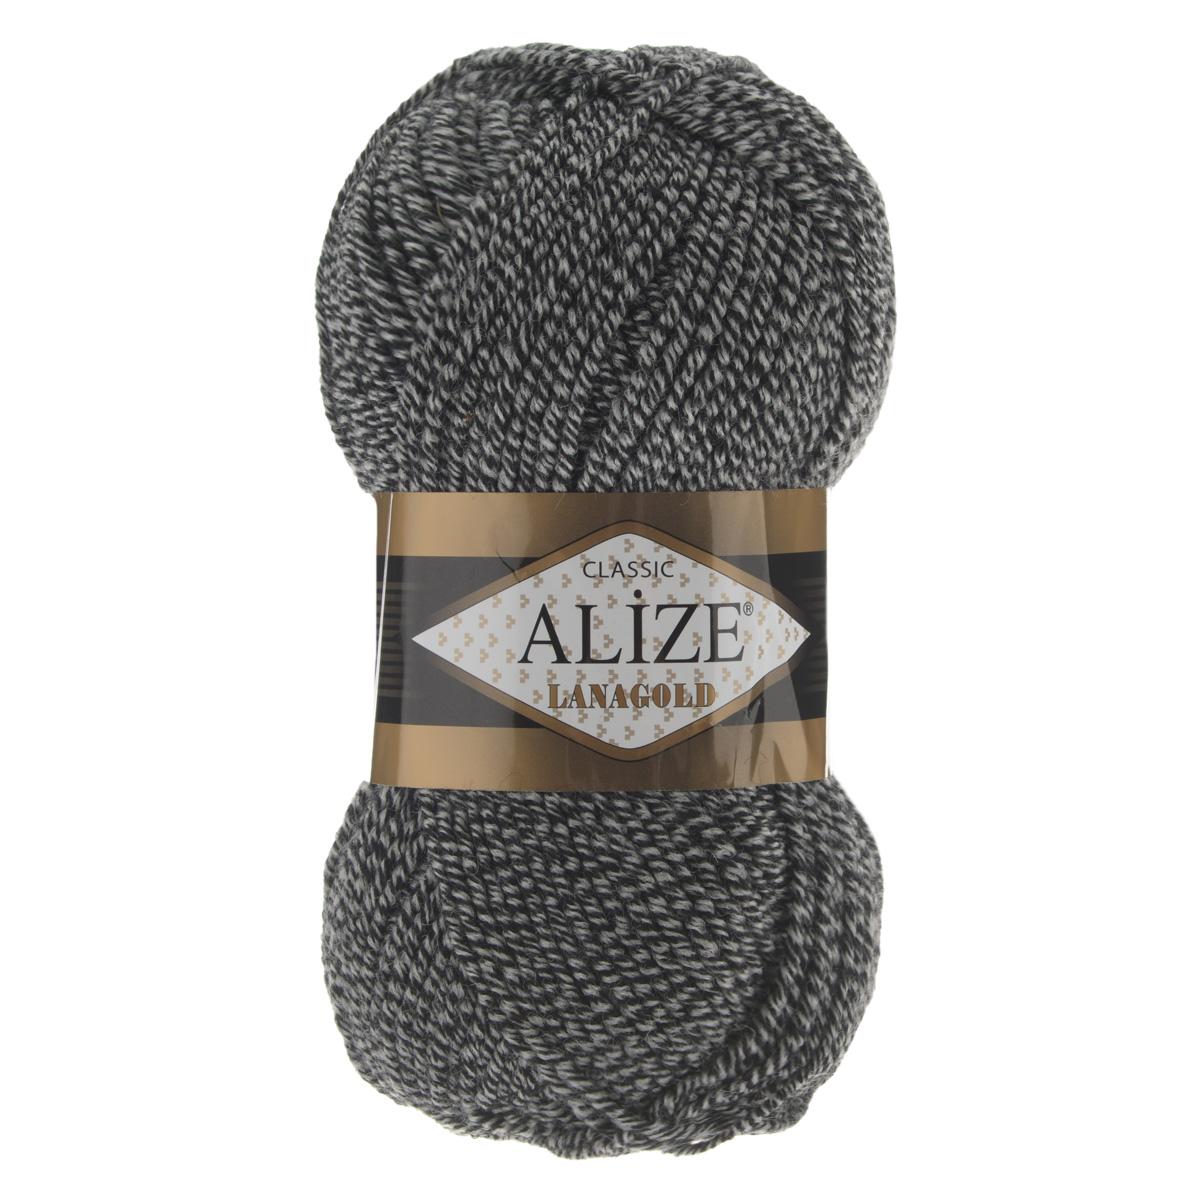 Пряжа для вязания Alize Lanagold, цвет: черный, светло-серый (601), 240 м, 100 г, 5 шт364095_601Alize Lanagold - это полушерстяная пряжа для ручного вязания. Нить плотно скручена, гибкая, послушная, не пушится, не электризуется, аккуратно ложится в петли и не деформируется после распускания. Стойкое равномерное окрашивание обеспечивает широкую палитру оттенков. Соотношение шерсти и акрила - формула практичности. Высокие тепловые характеристики сочетаются с эстетикой, носкостью и простотой ухода за вещью. Классическая пряжа для зимнего сезона, может использоваться для детской и взрослой одежды. Alize Lanagold - универсальная пряжа, которая будет хорошо смотреться в узорах любой сложности. Рекомендуемый размер спиц 4-6 мм. Состав: 49% шерсть, 51% акрил.